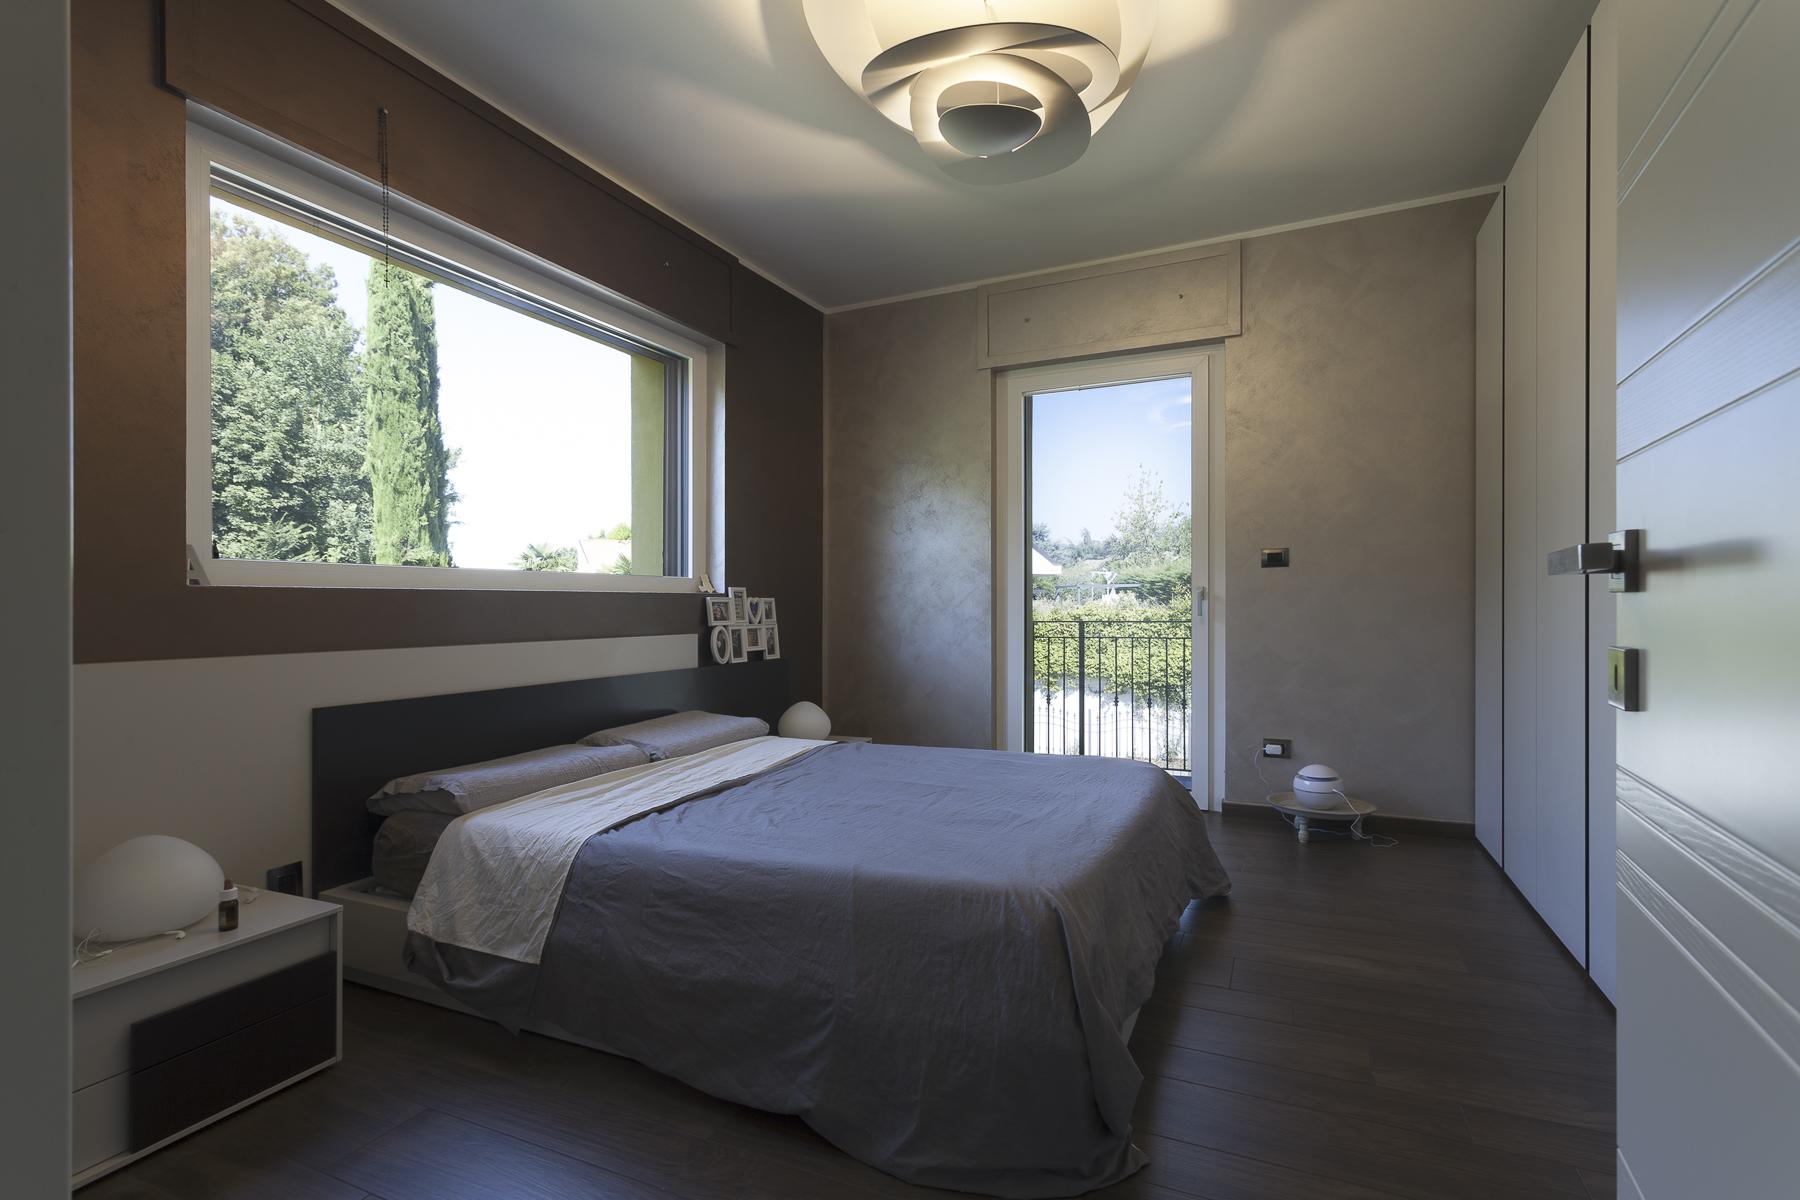 Casa indipendente di lusso in vendita a moncalieri strada for Affitto moncalieri privato arredato